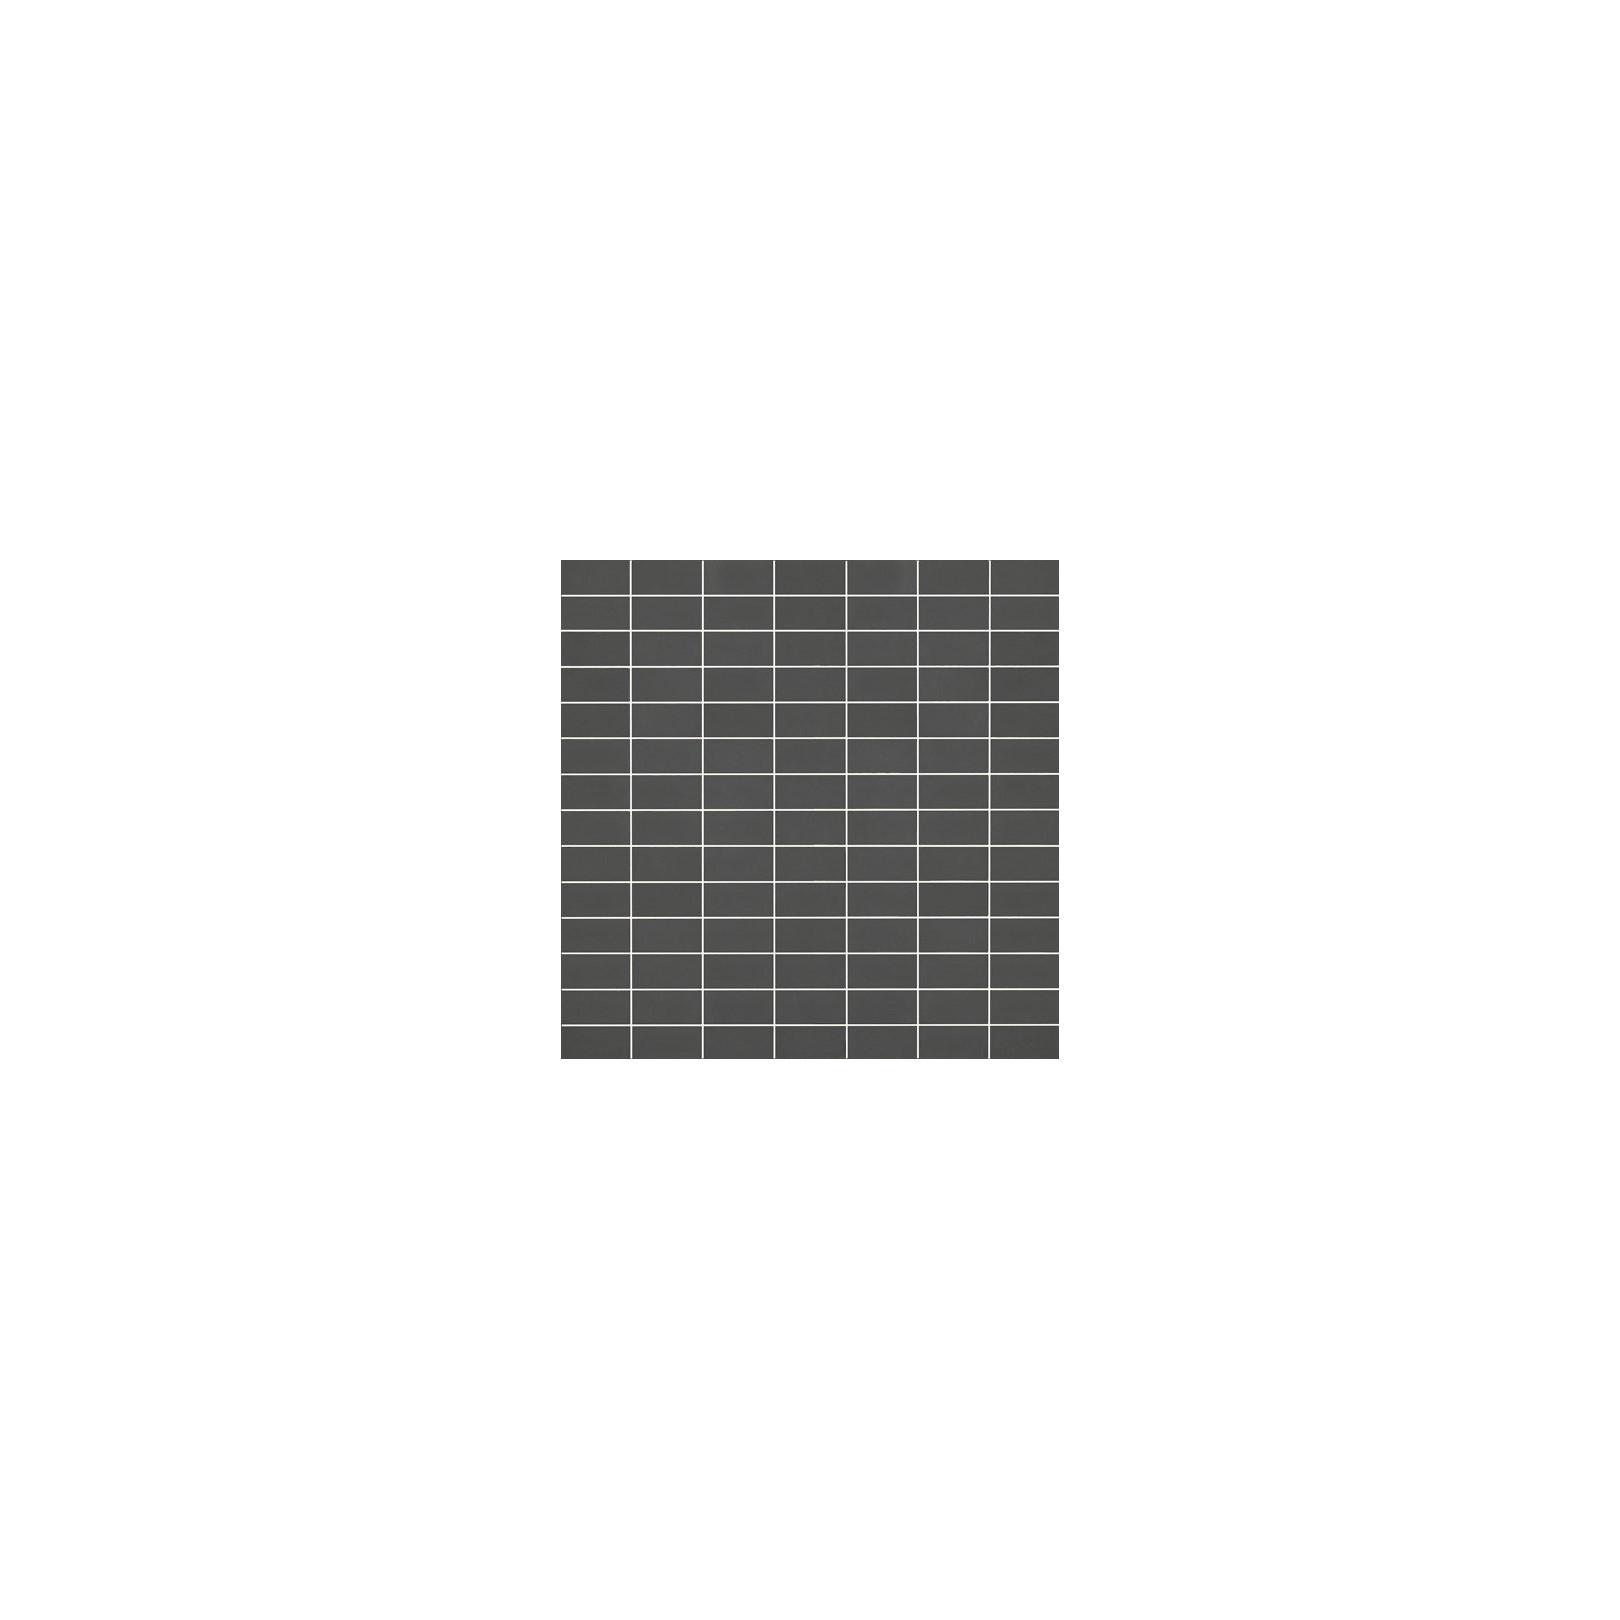 Mosaïque Doppel rectangle 4.6x2.3cm anthracite 564 sur trame sur trame nylon 33,2x33,2cm